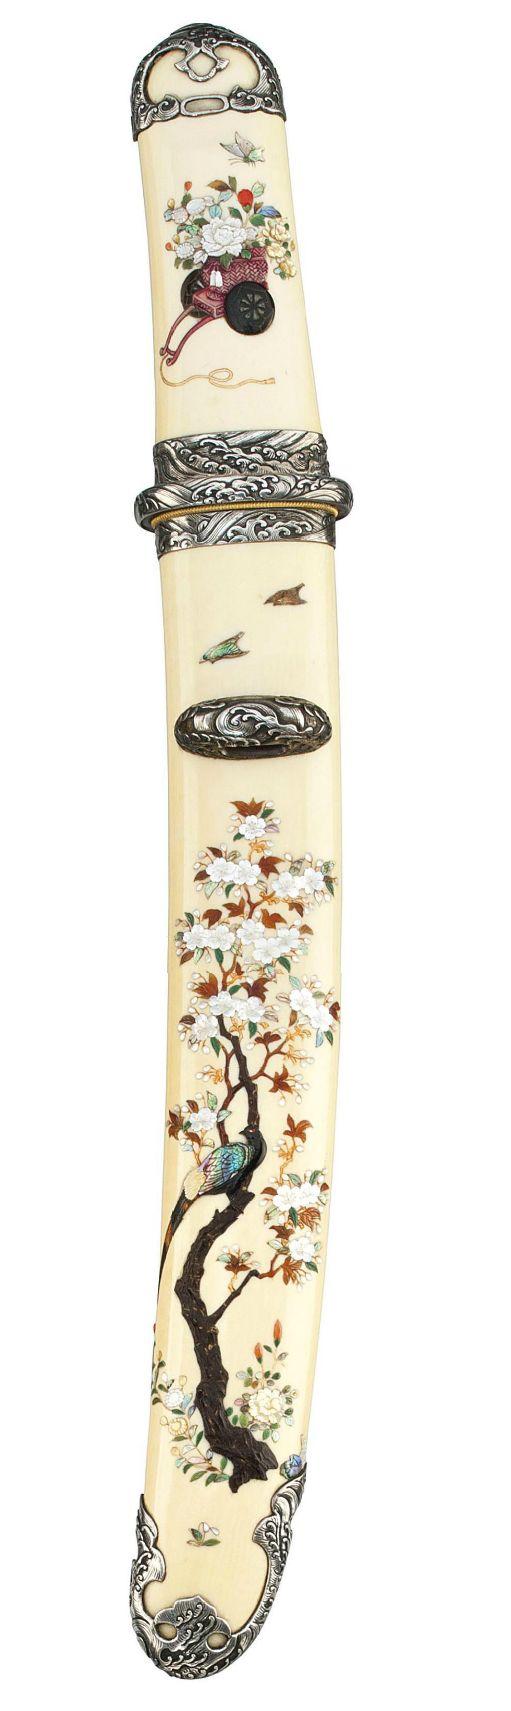 A Fine Shibayama Tanto Koshirae Meiji Period.